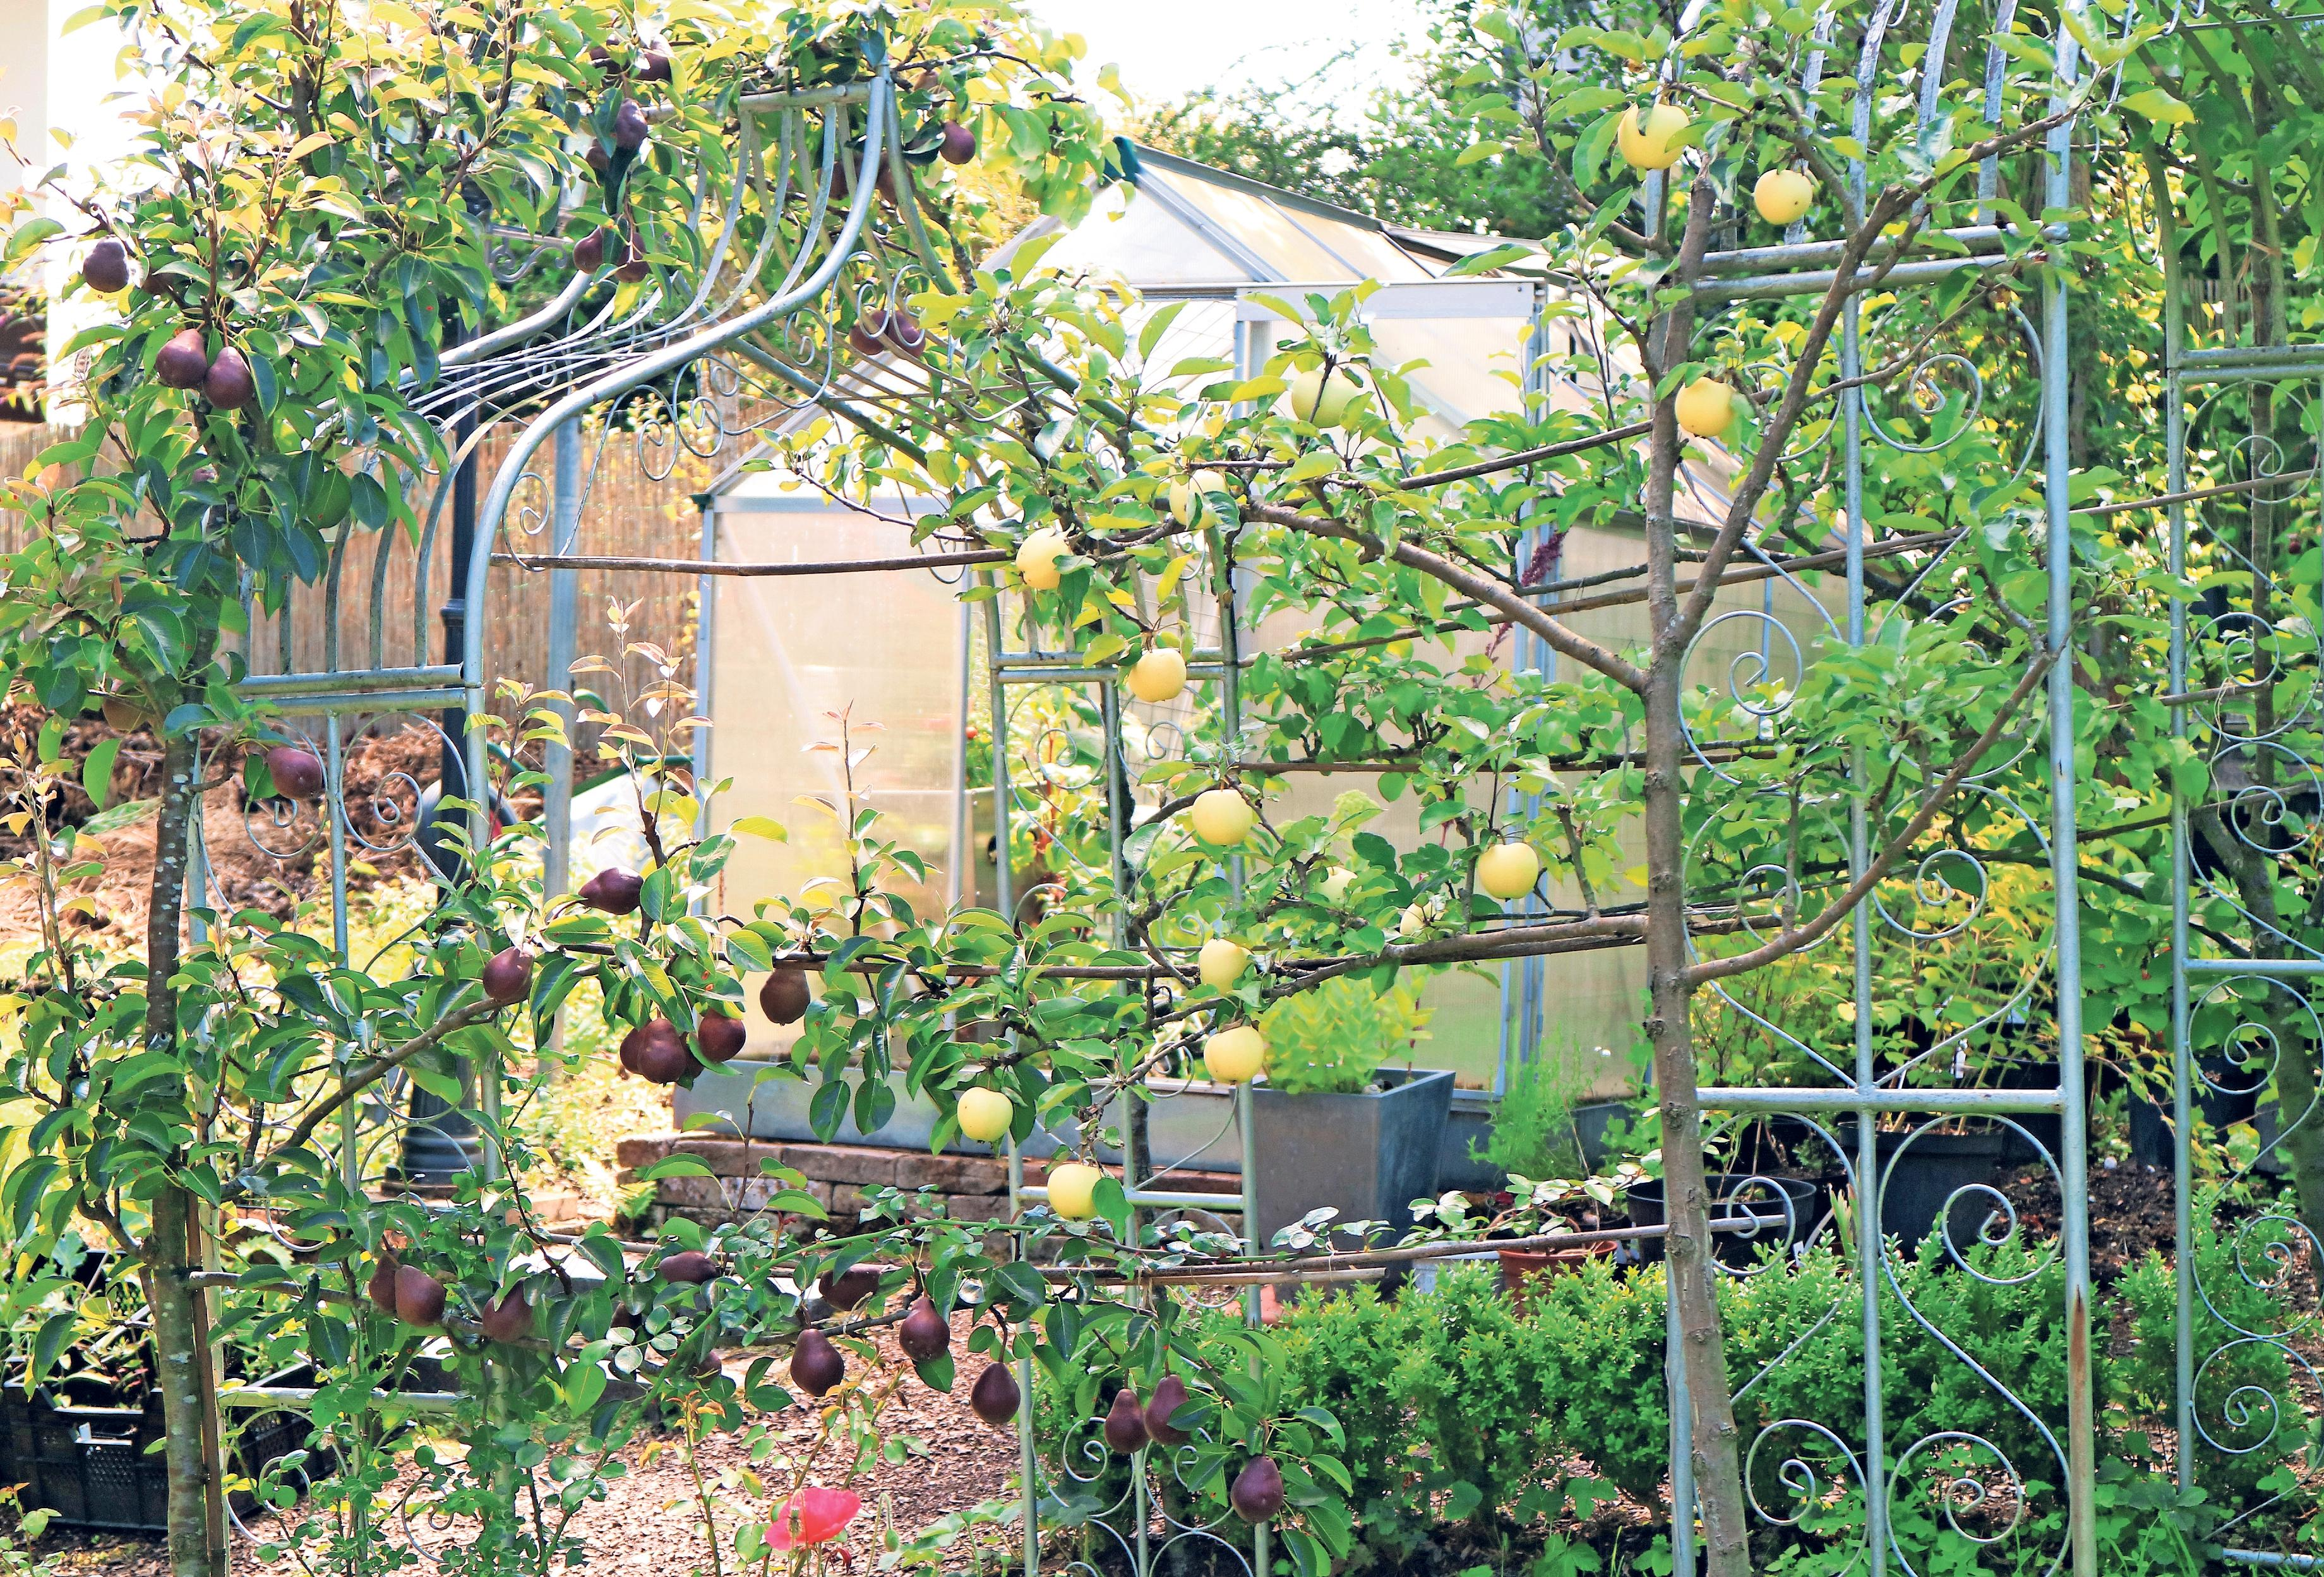 Manche Obstbäume haben zweierlei Zweck im kleinen Garten: Neben der Fruchtbildung begrünen sie auch Spaliere.